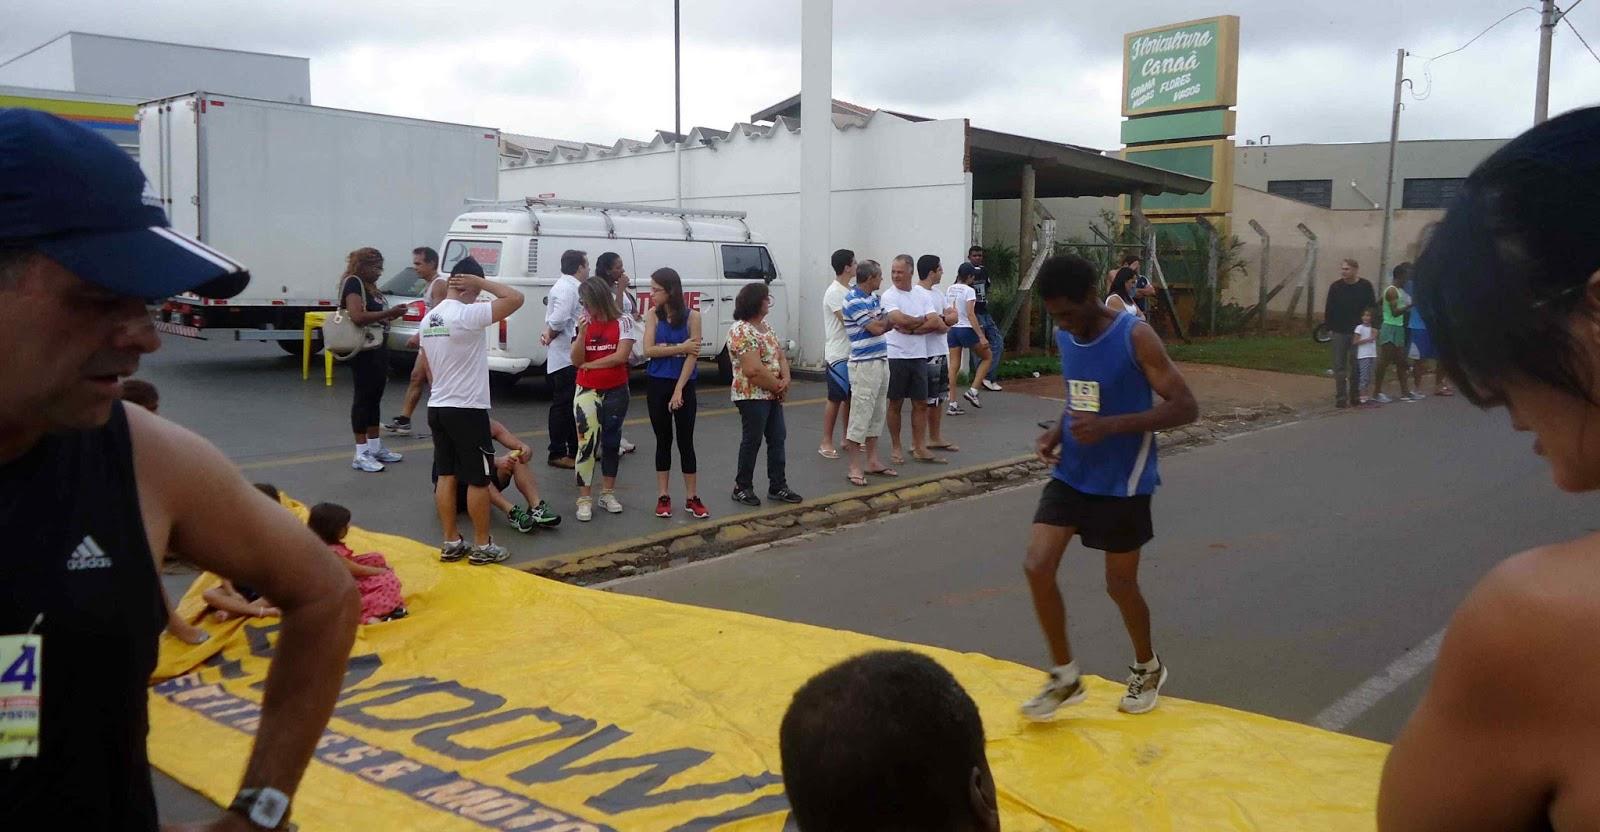 Foto 125 da 1ª Corrida Av. dos Coqueiros em Barretos-SP 14/04/2013 – Atletas cruzando a linha de chegada